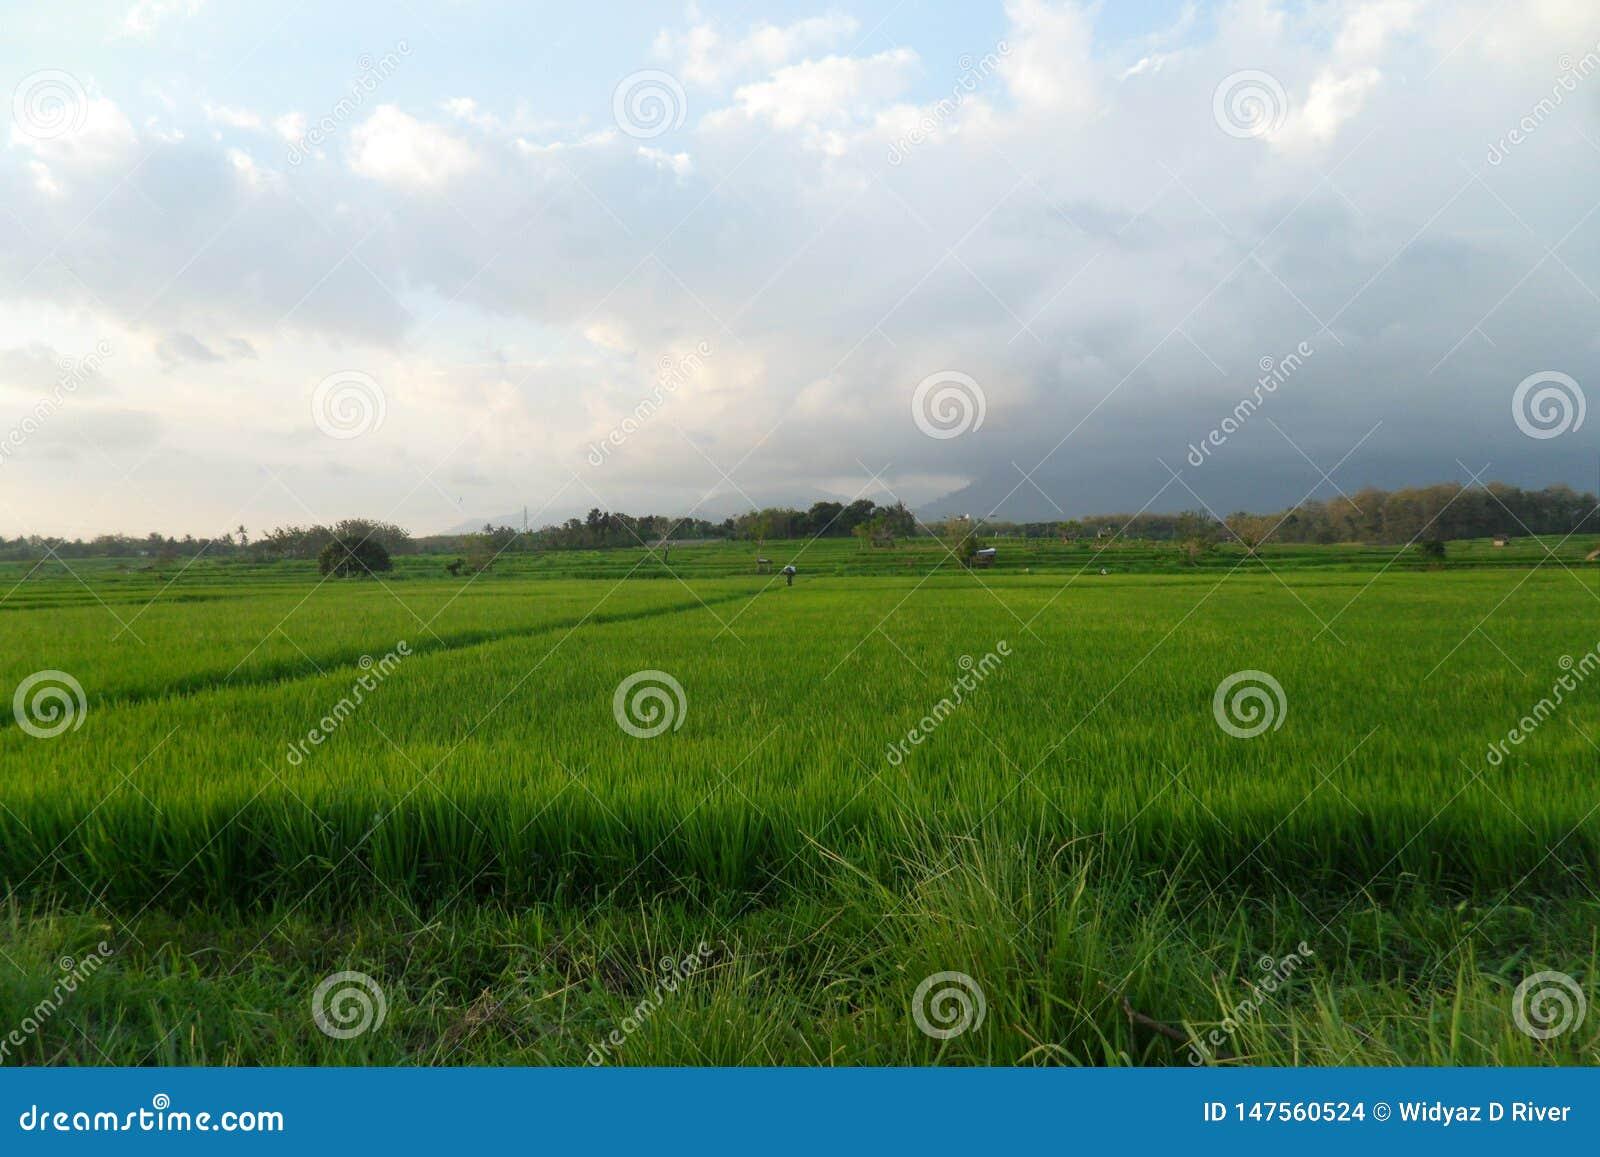 Los campos verdes del arroz traen felicidad